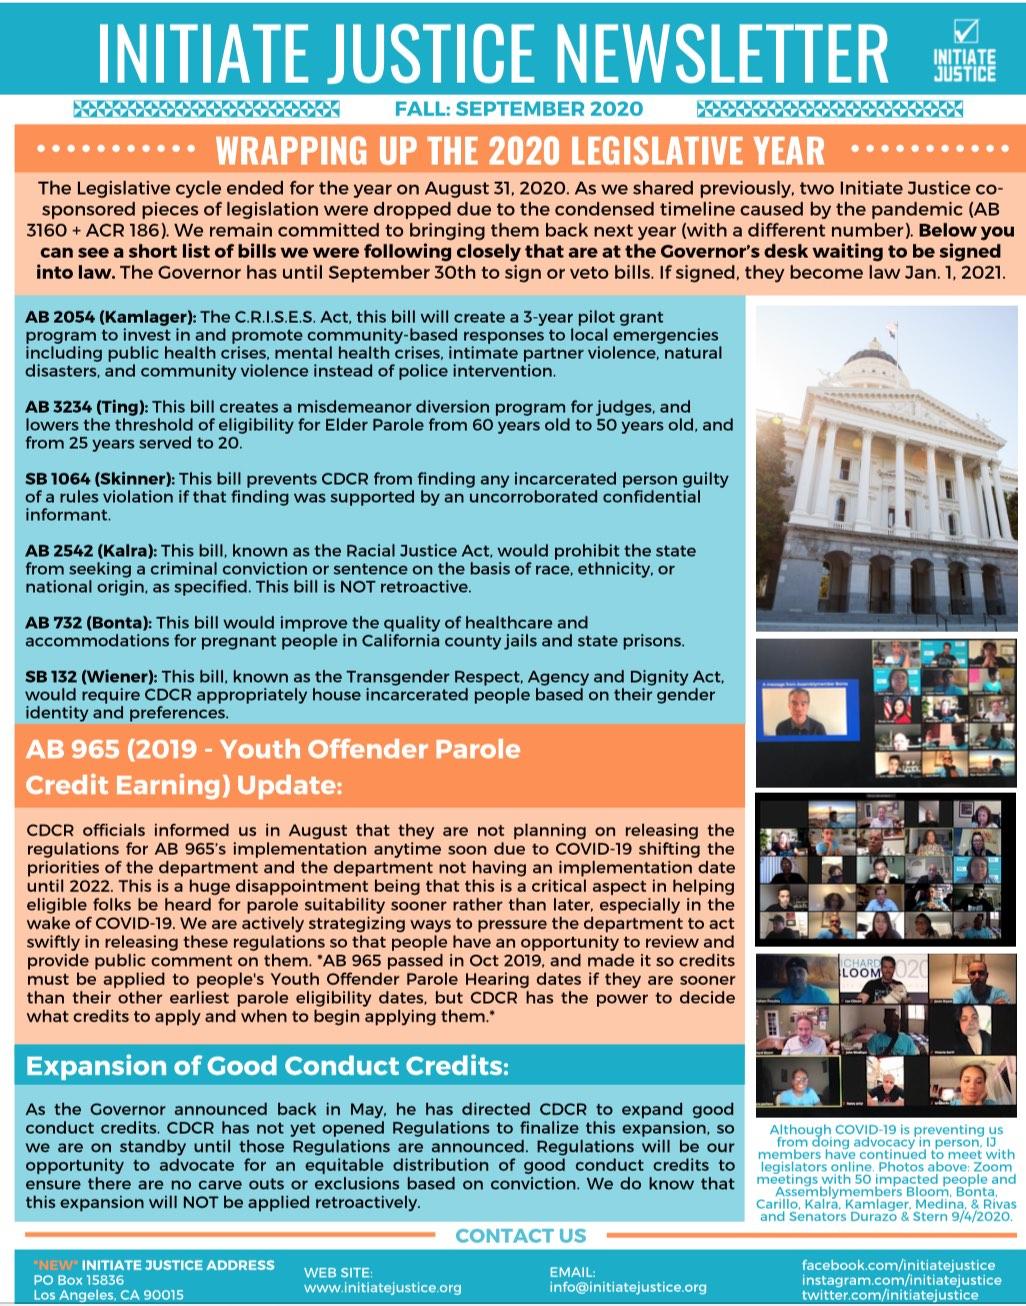 Newsletter #13 – Fall 2020